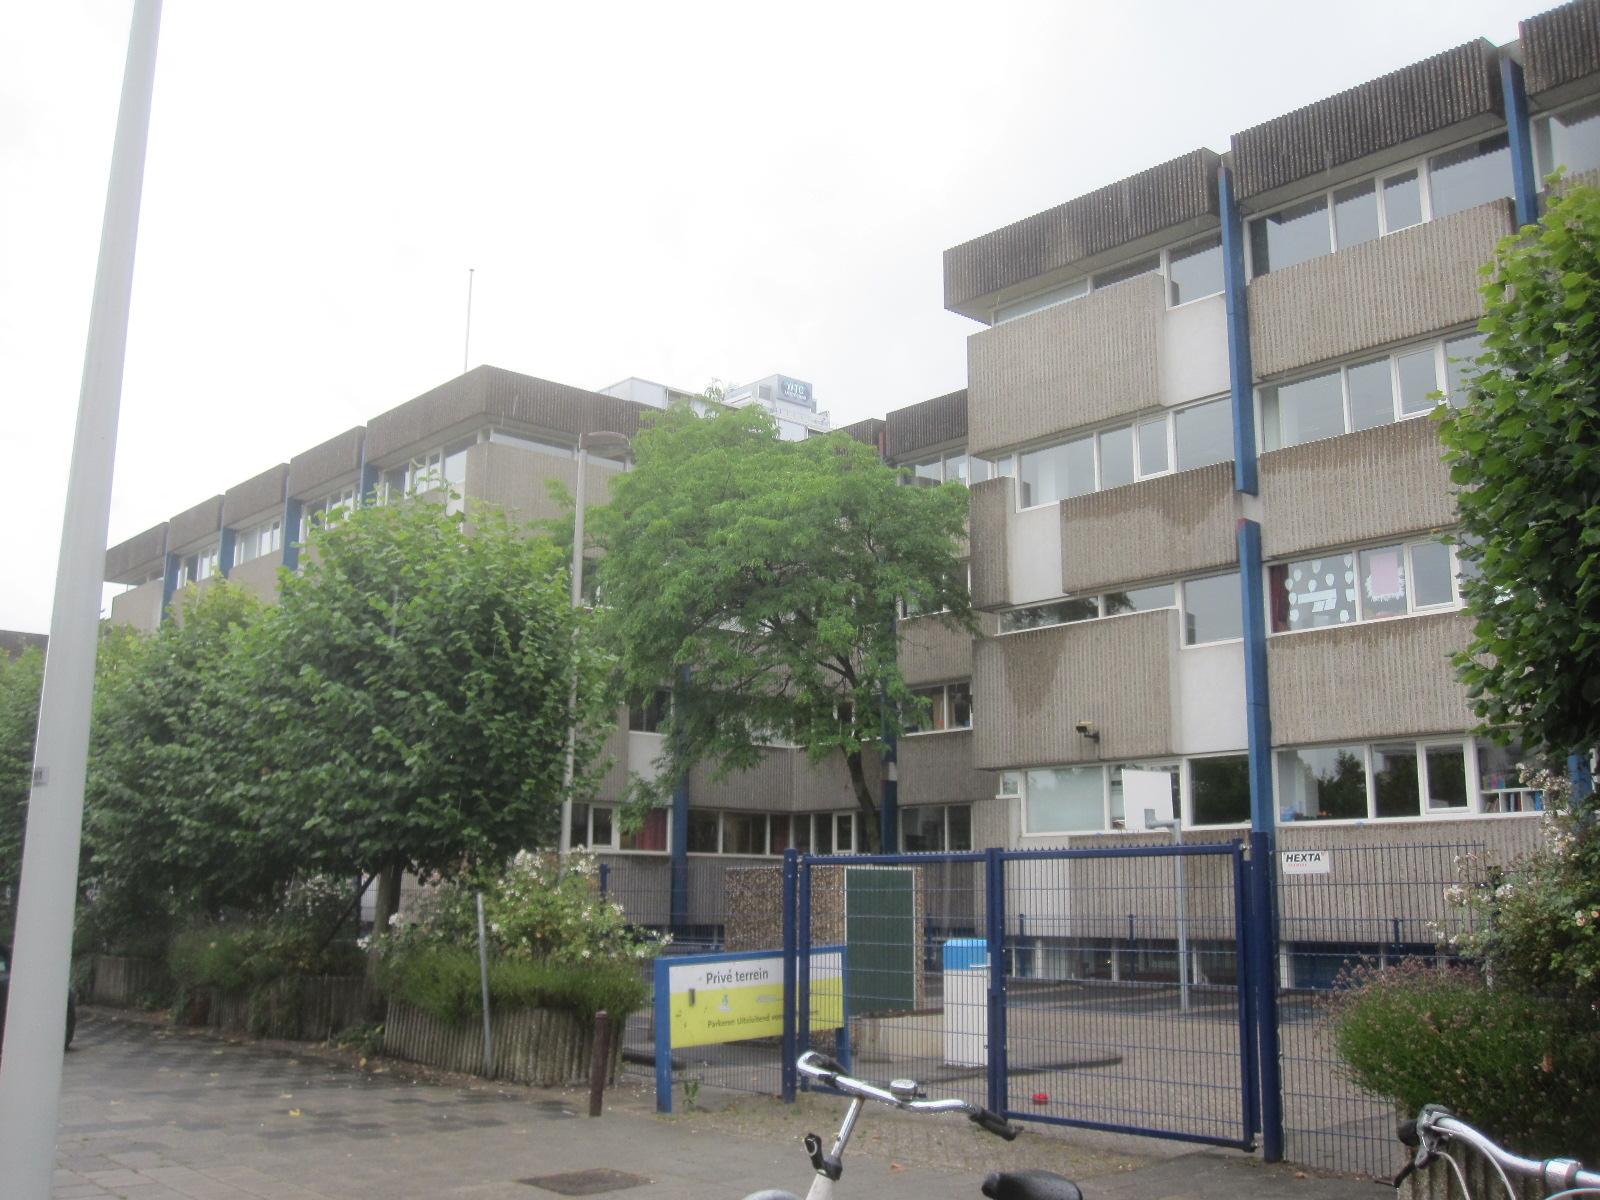 KPMG voormalig hoofdkantoor aan Zuidas